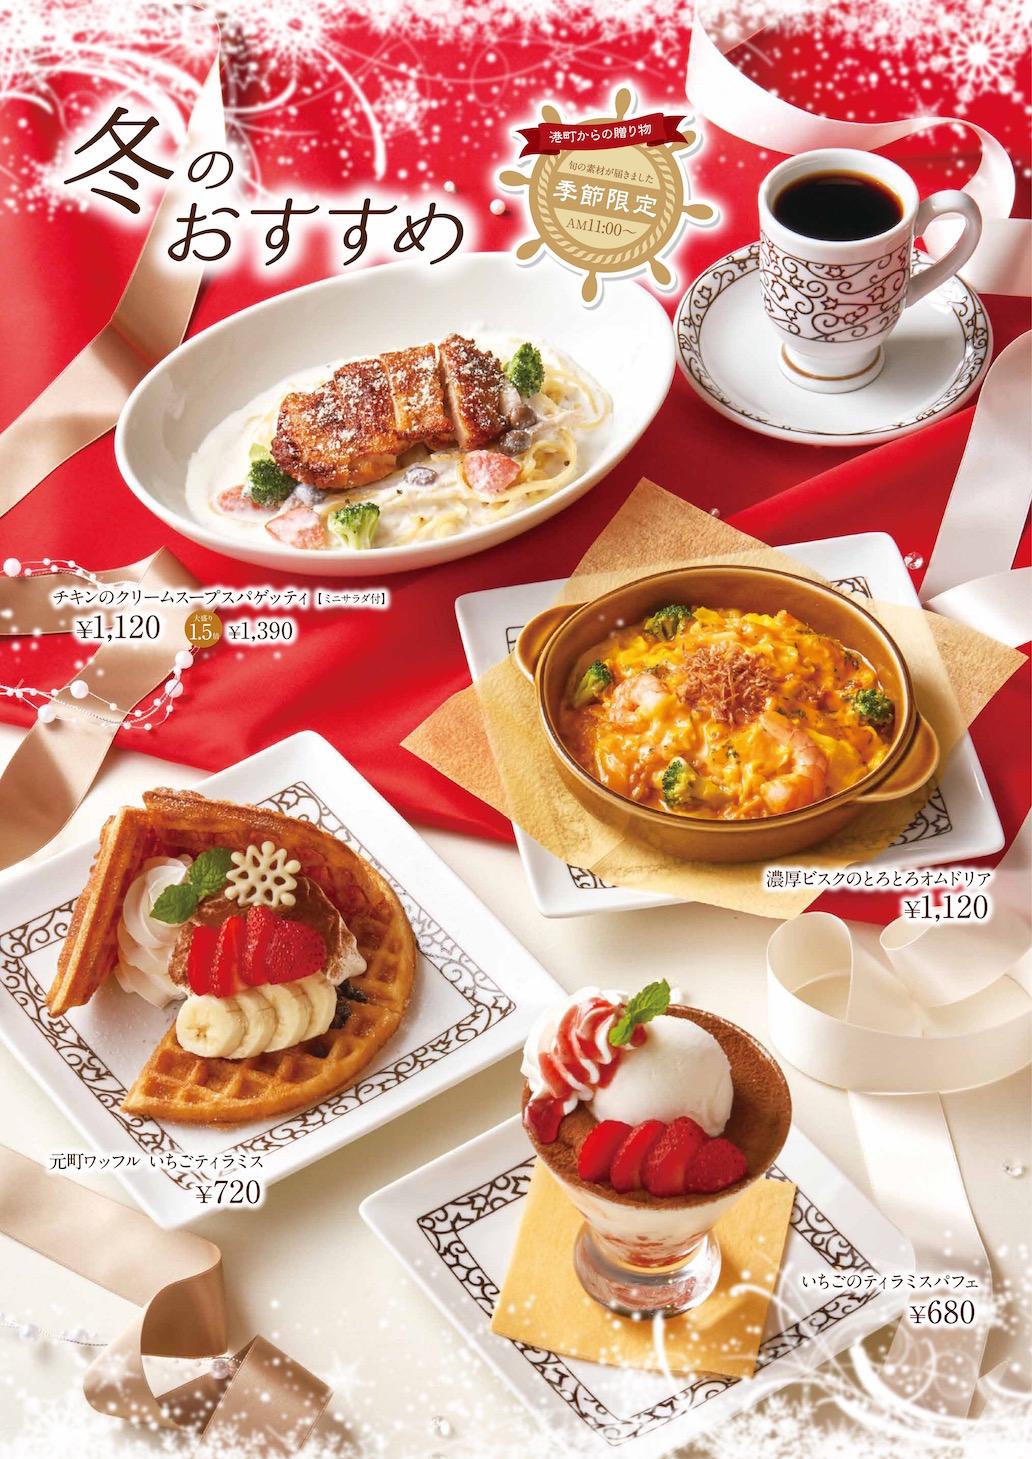 元町珈琲 冬の味覚をお届けします